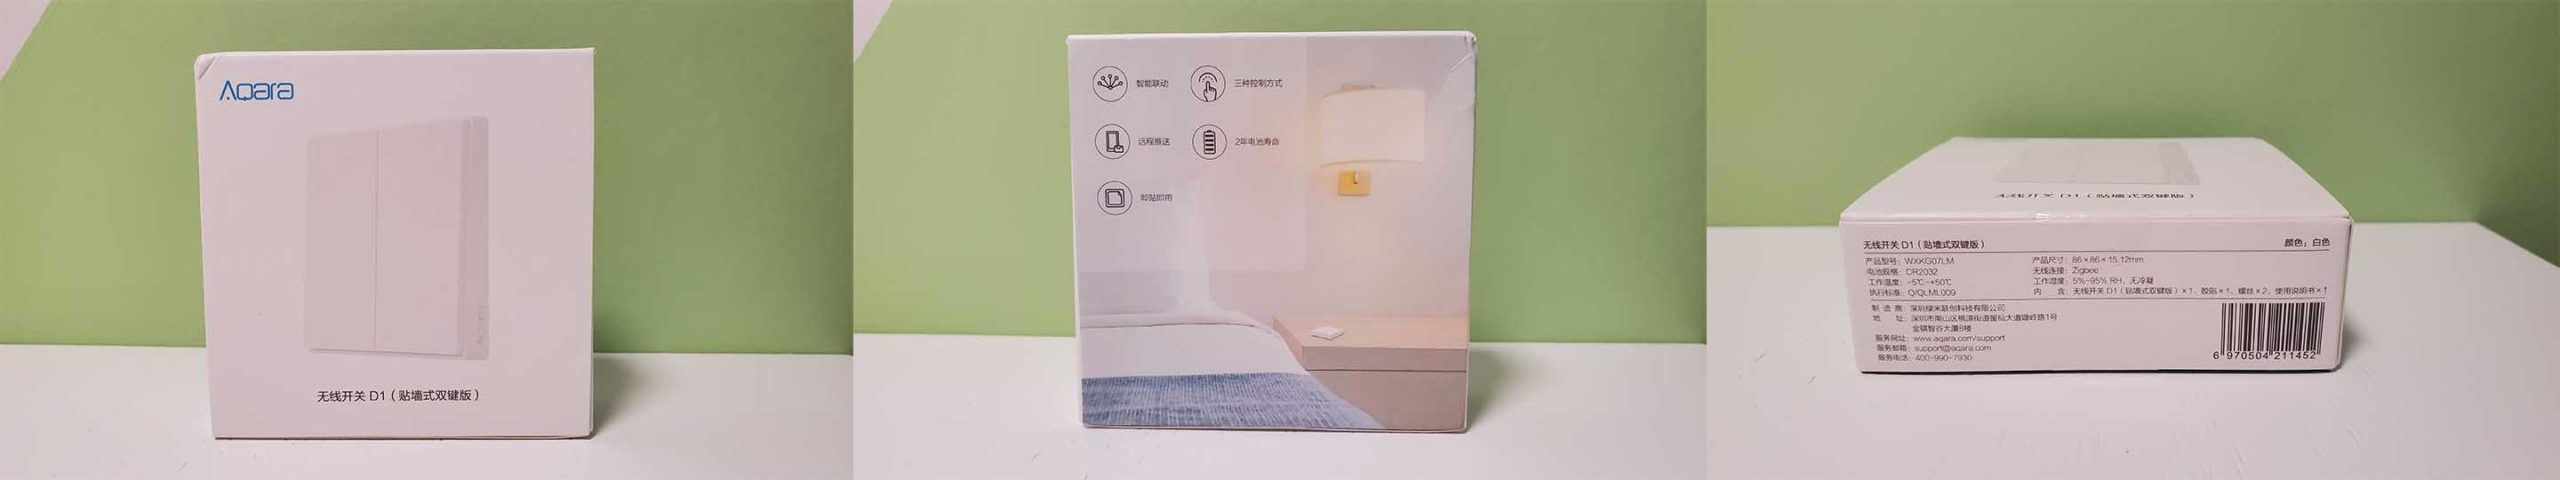 Умный выключатель Xiaomi Aqara Smart Wireless Switch D1